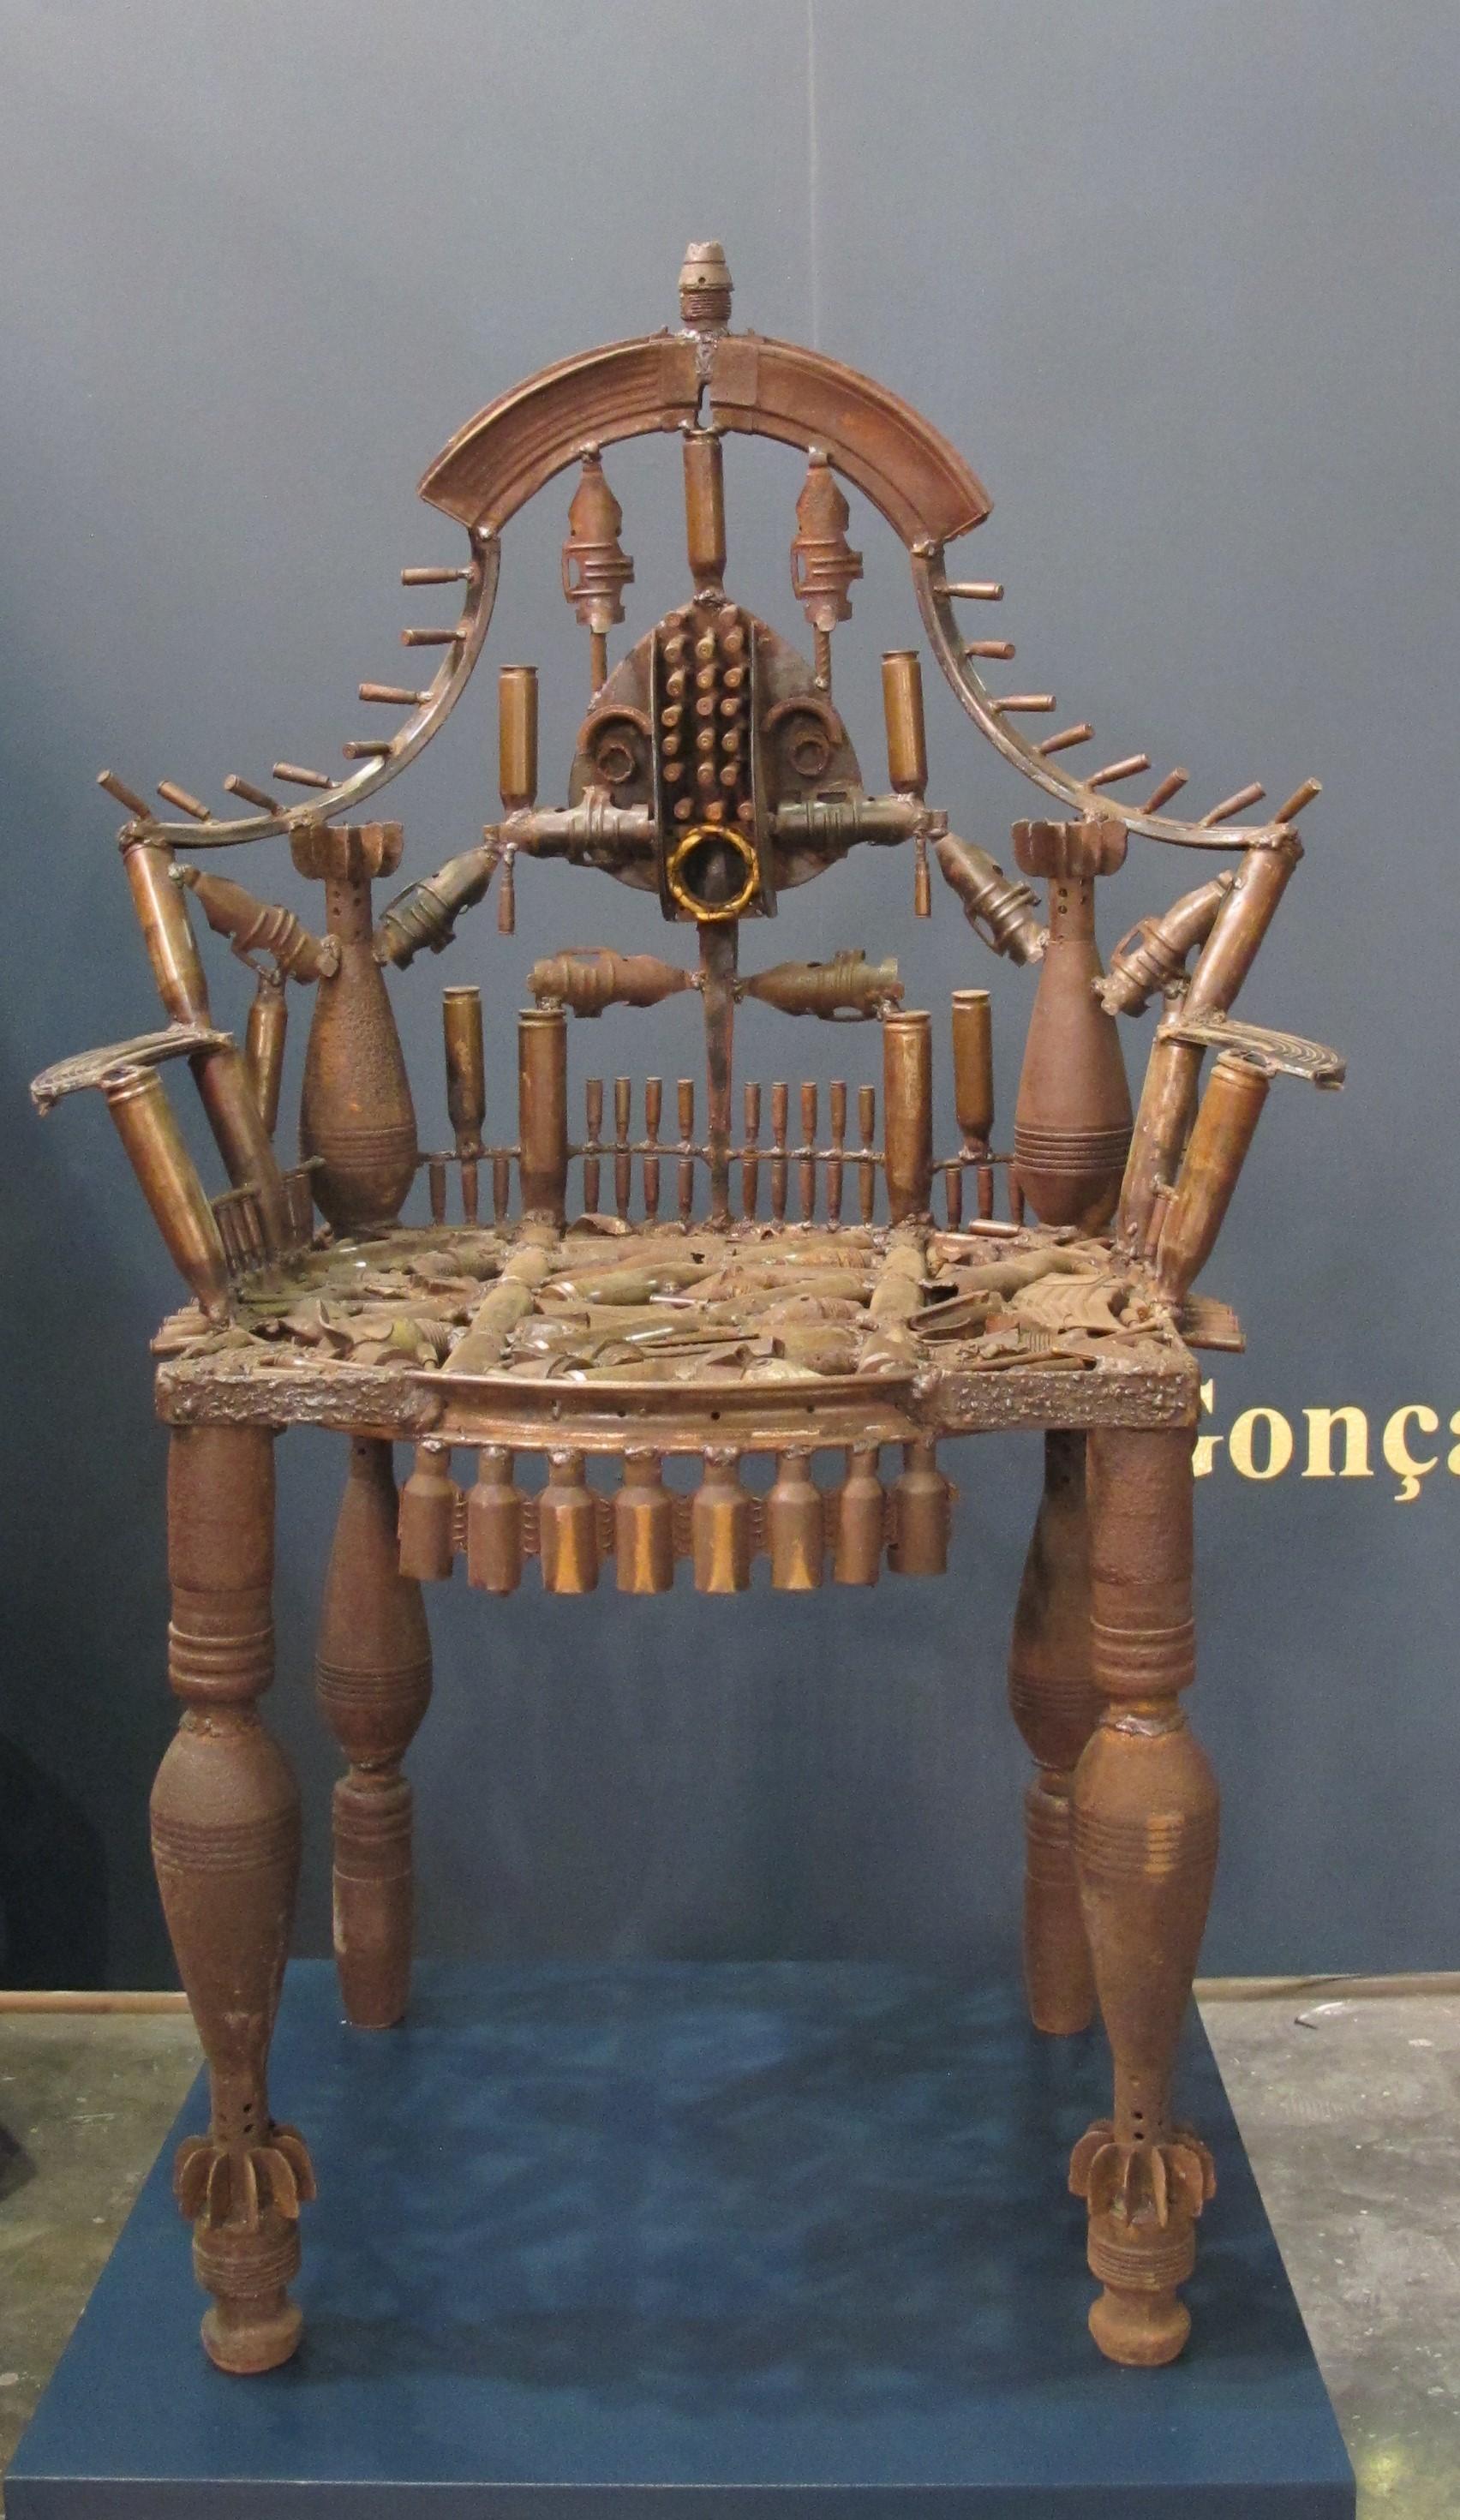 Goncalo Mabunda Untitled Throne 1